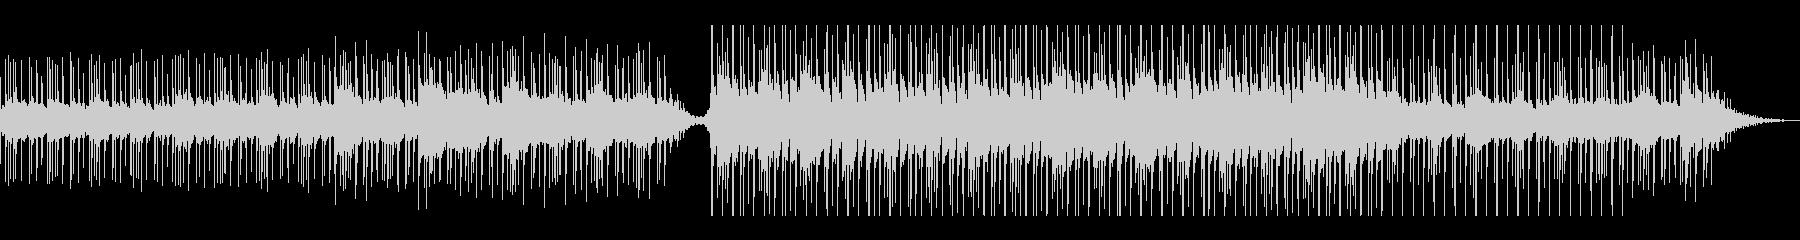 ラマダンのeast宴の未再生の波形